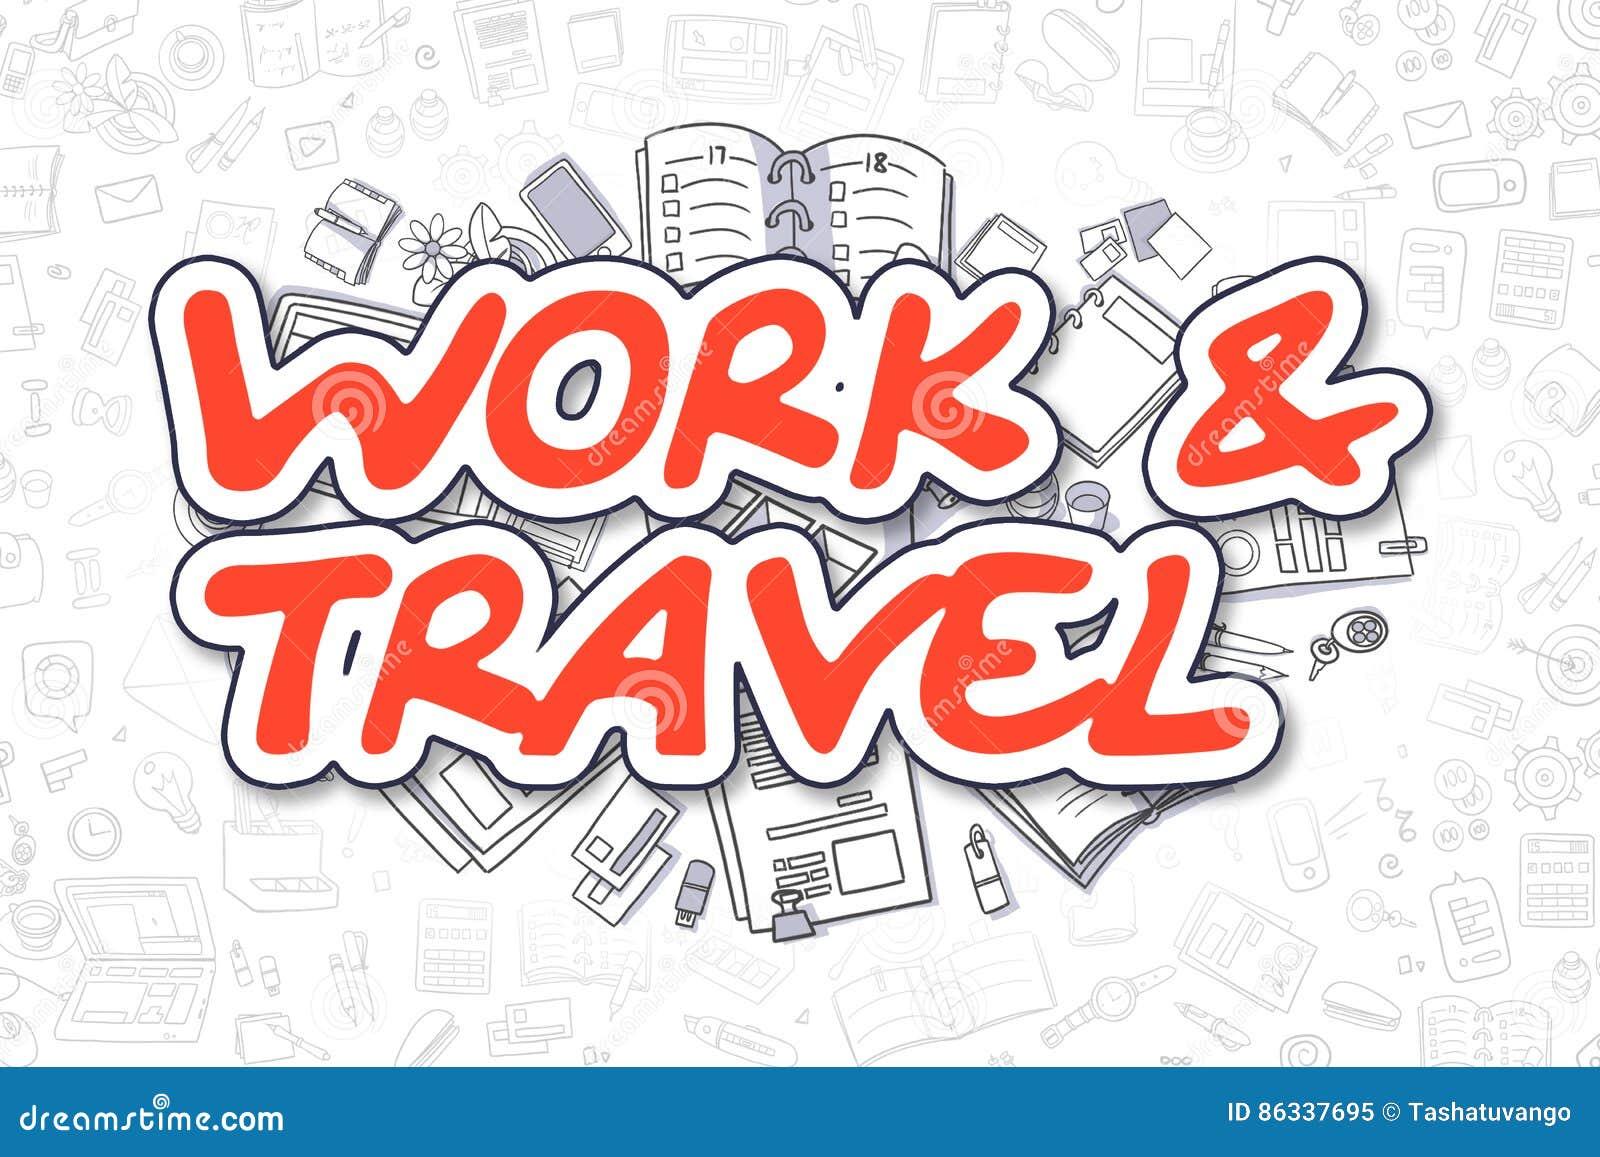 Εργασία και ταξίδι - κόκκινη επιγραφή Doodle χρυσή ιδιοκτησία βασικών πλήκτρων επιχειρησιακής έννοιας που φθάνει στον ουρανό